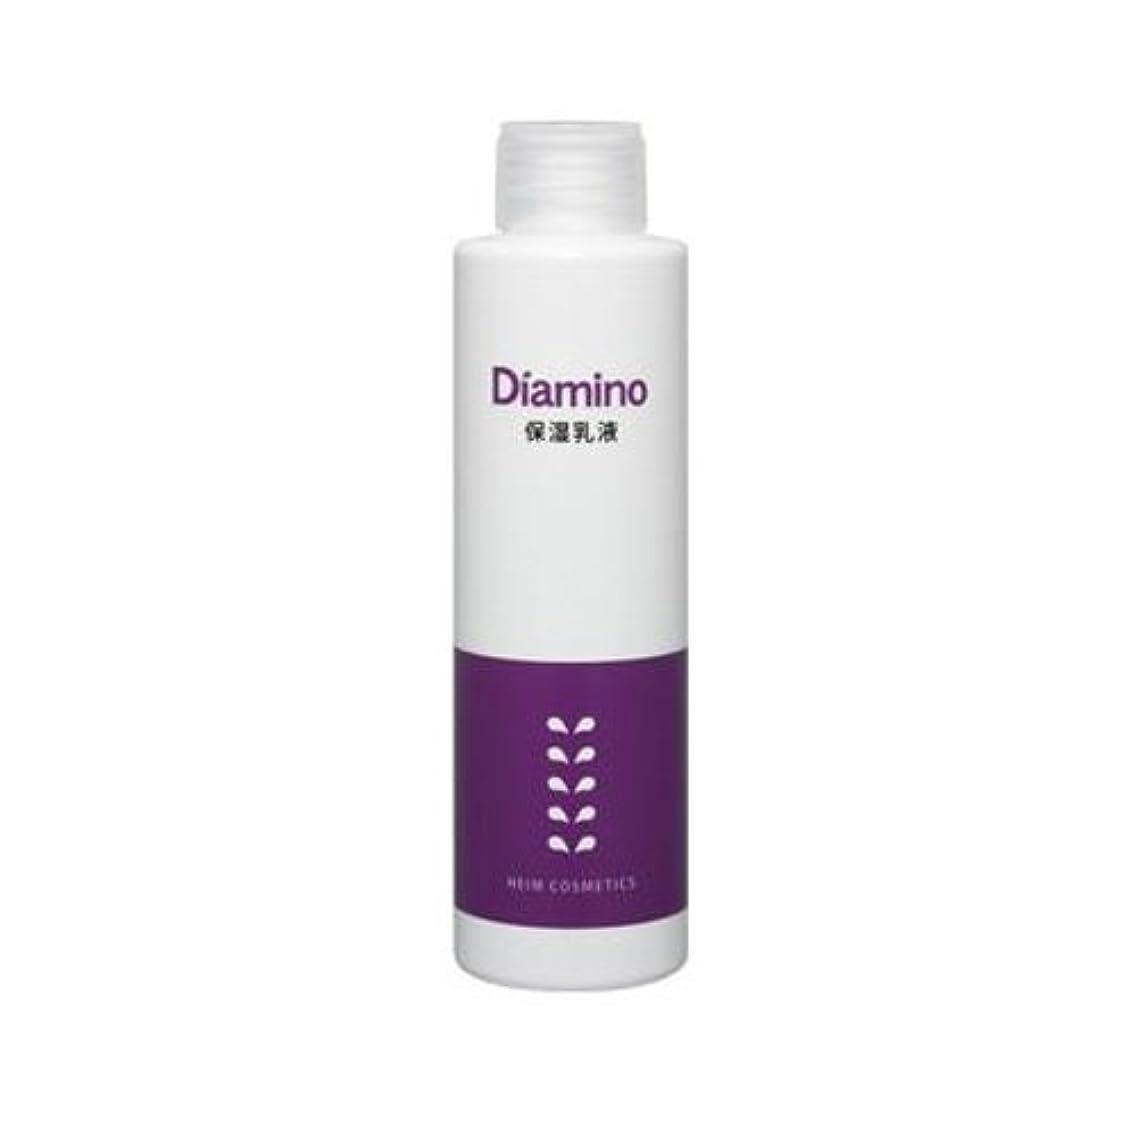 メキシコうれしい教室ハイム ディアミノ 保湿乳液 150ml